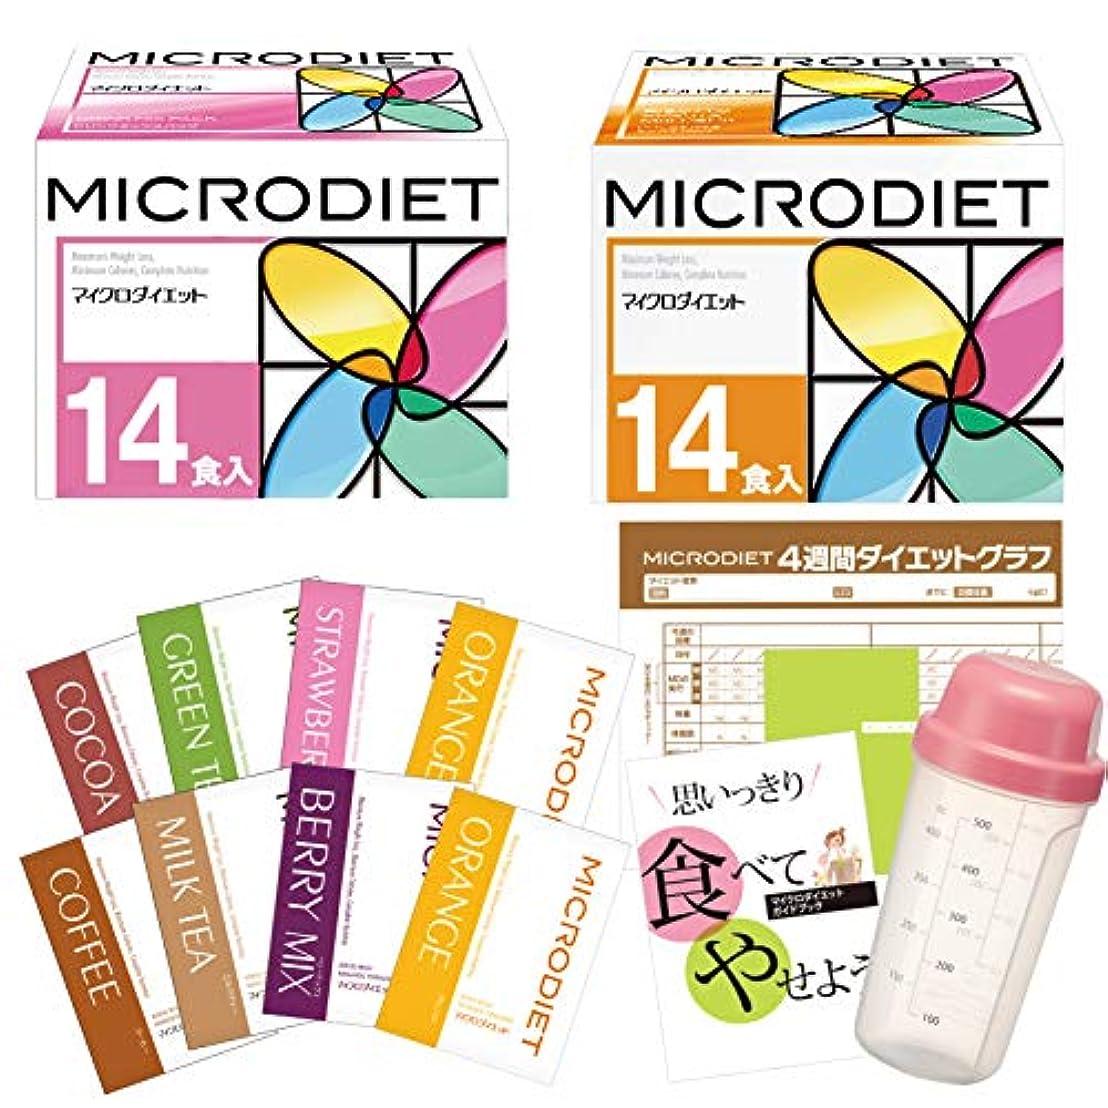 ショッキング家畜義務的マイクロダイエット2箱+8食セット(初回特典付き)ドリンク、リゾット&パスタ各1箱:06AMA2-0000022